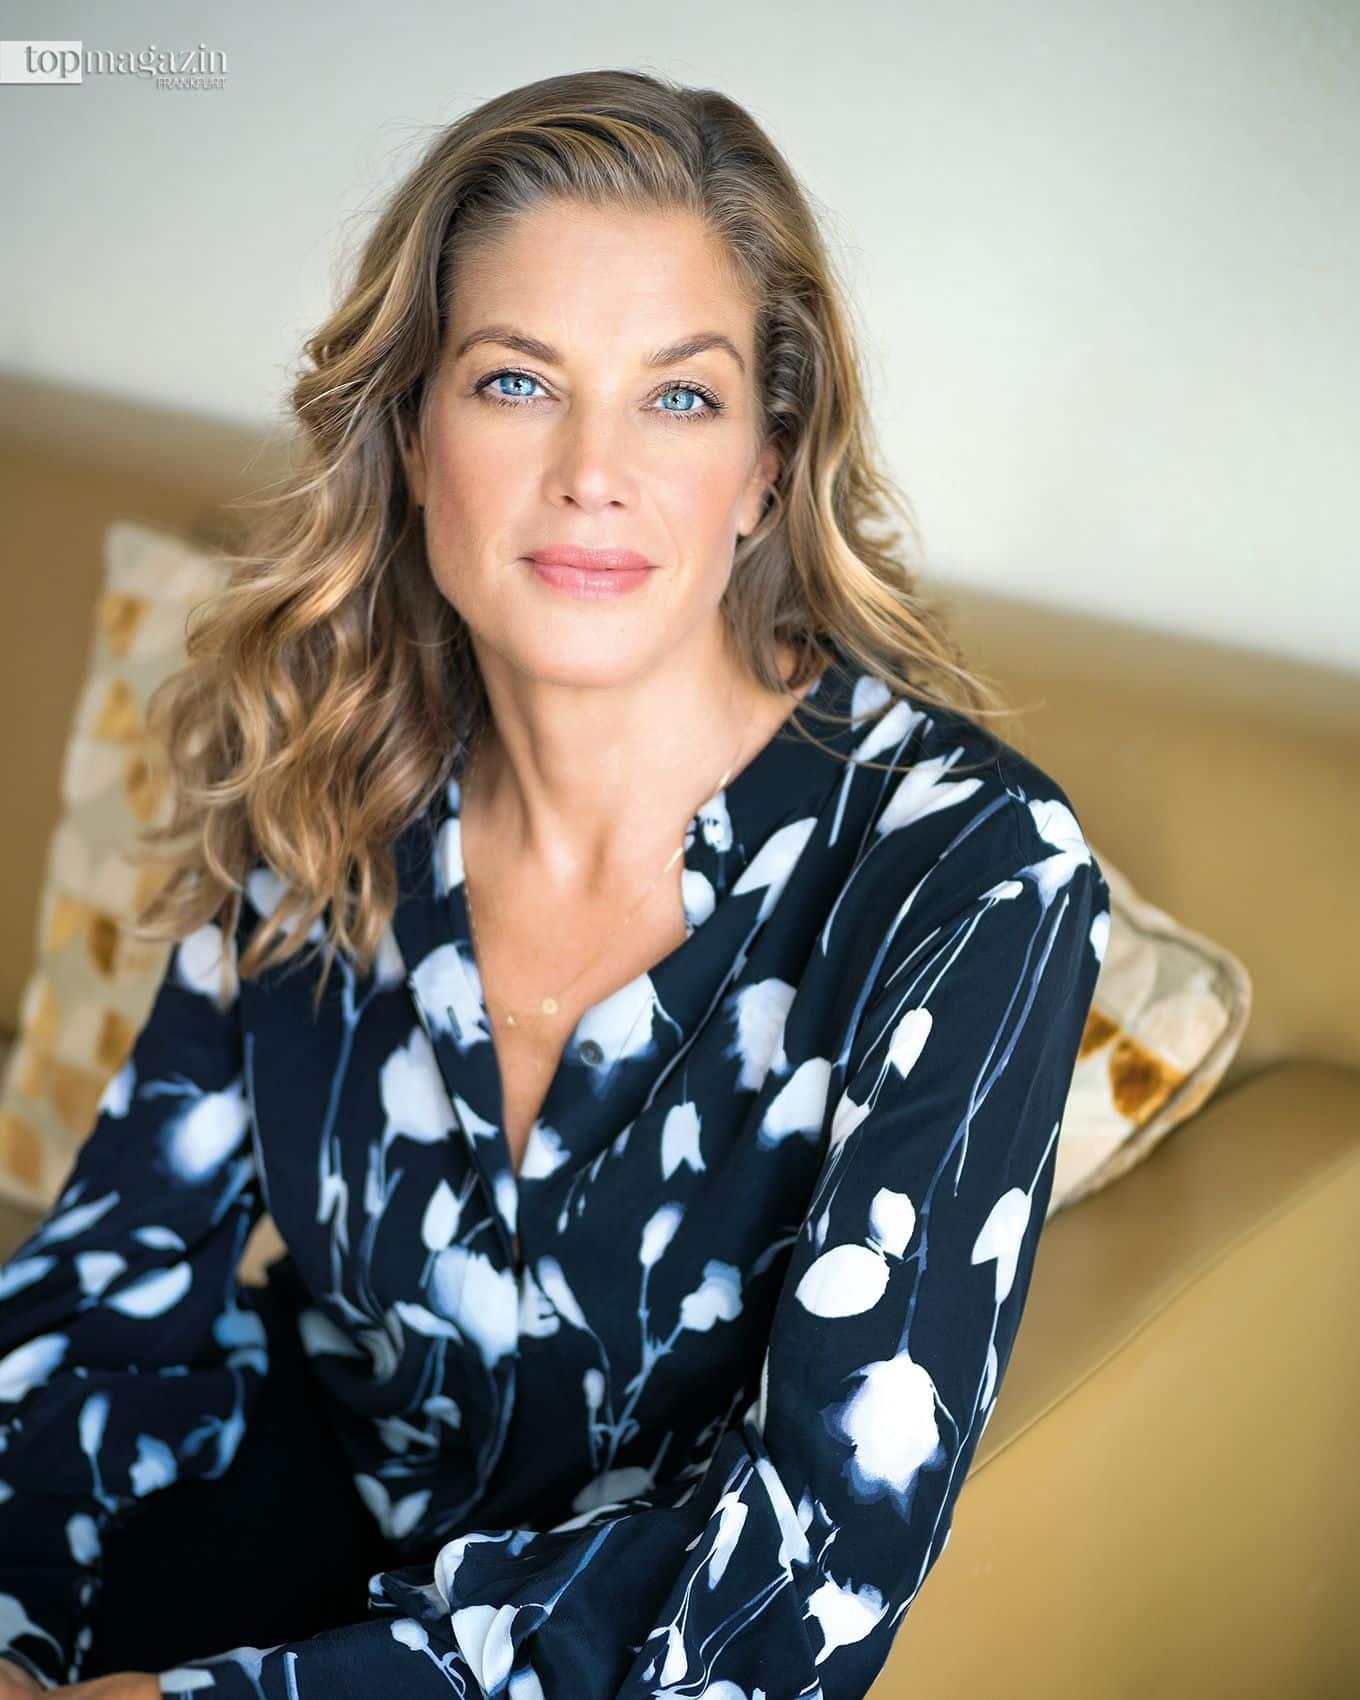 Schauspielerin Marie Bäumer hat ein Buch über Selbstfindung mit dem Titel Escapade verfasst